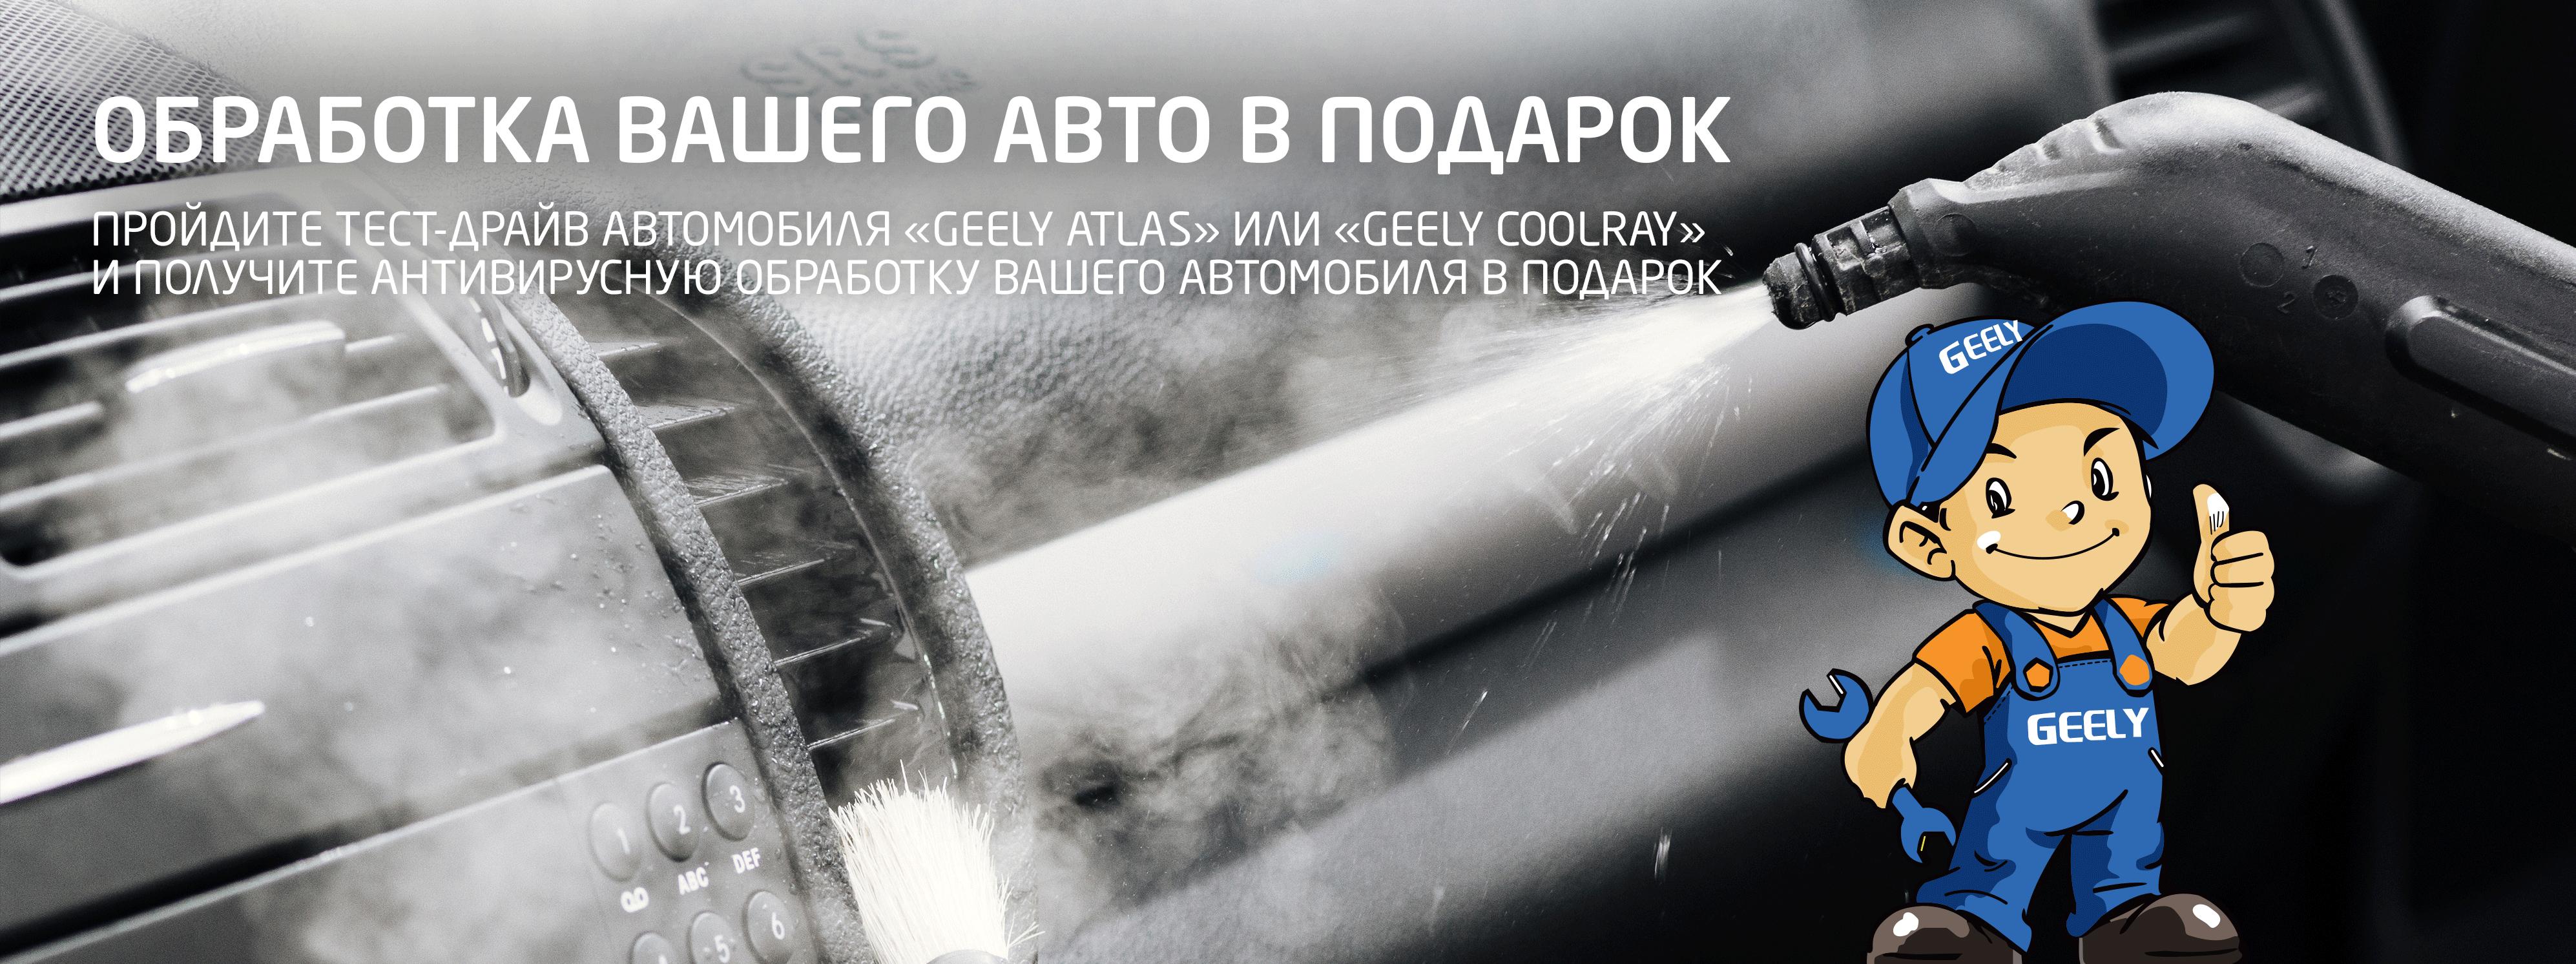 Официальный дилер Geely в Белгороде - МЦ Белогорье